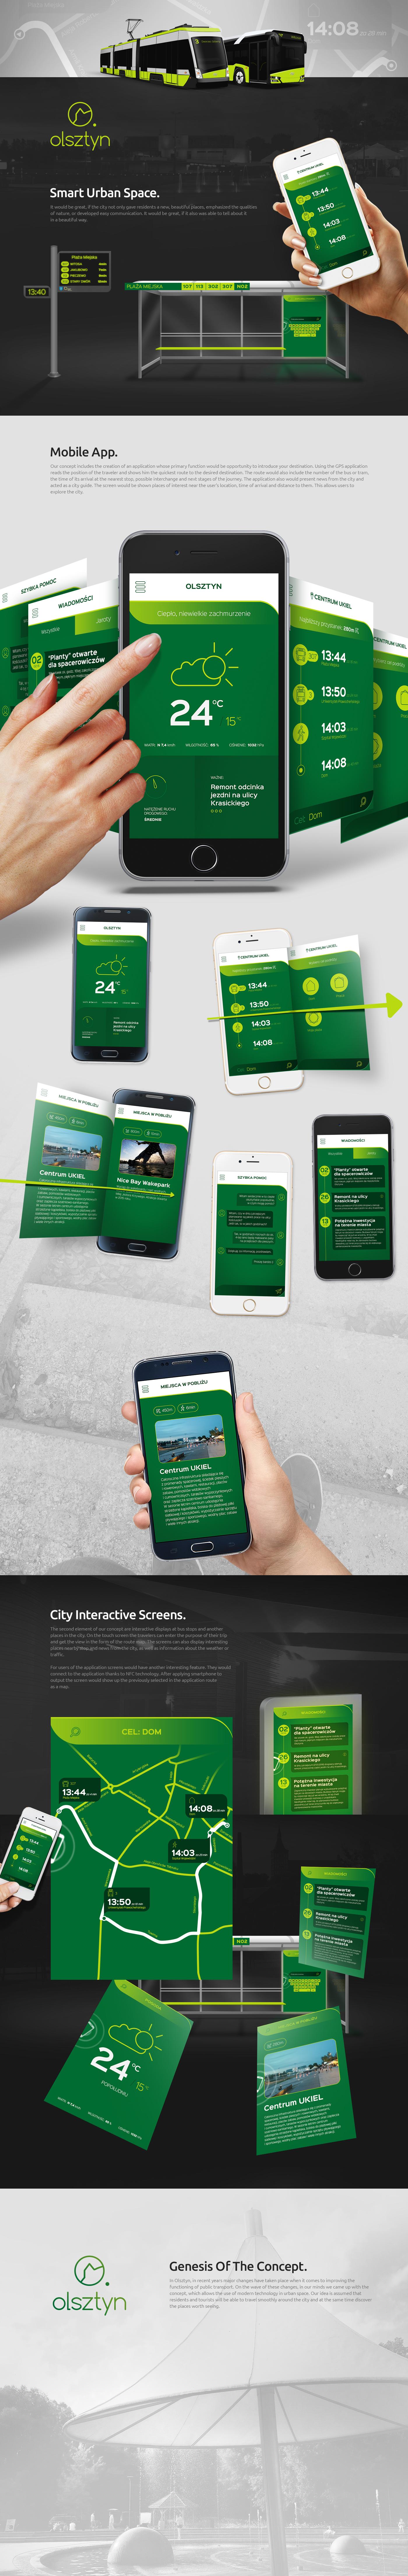 olsztyn bus stop Urban Mobile app city app communication tram bus citizens